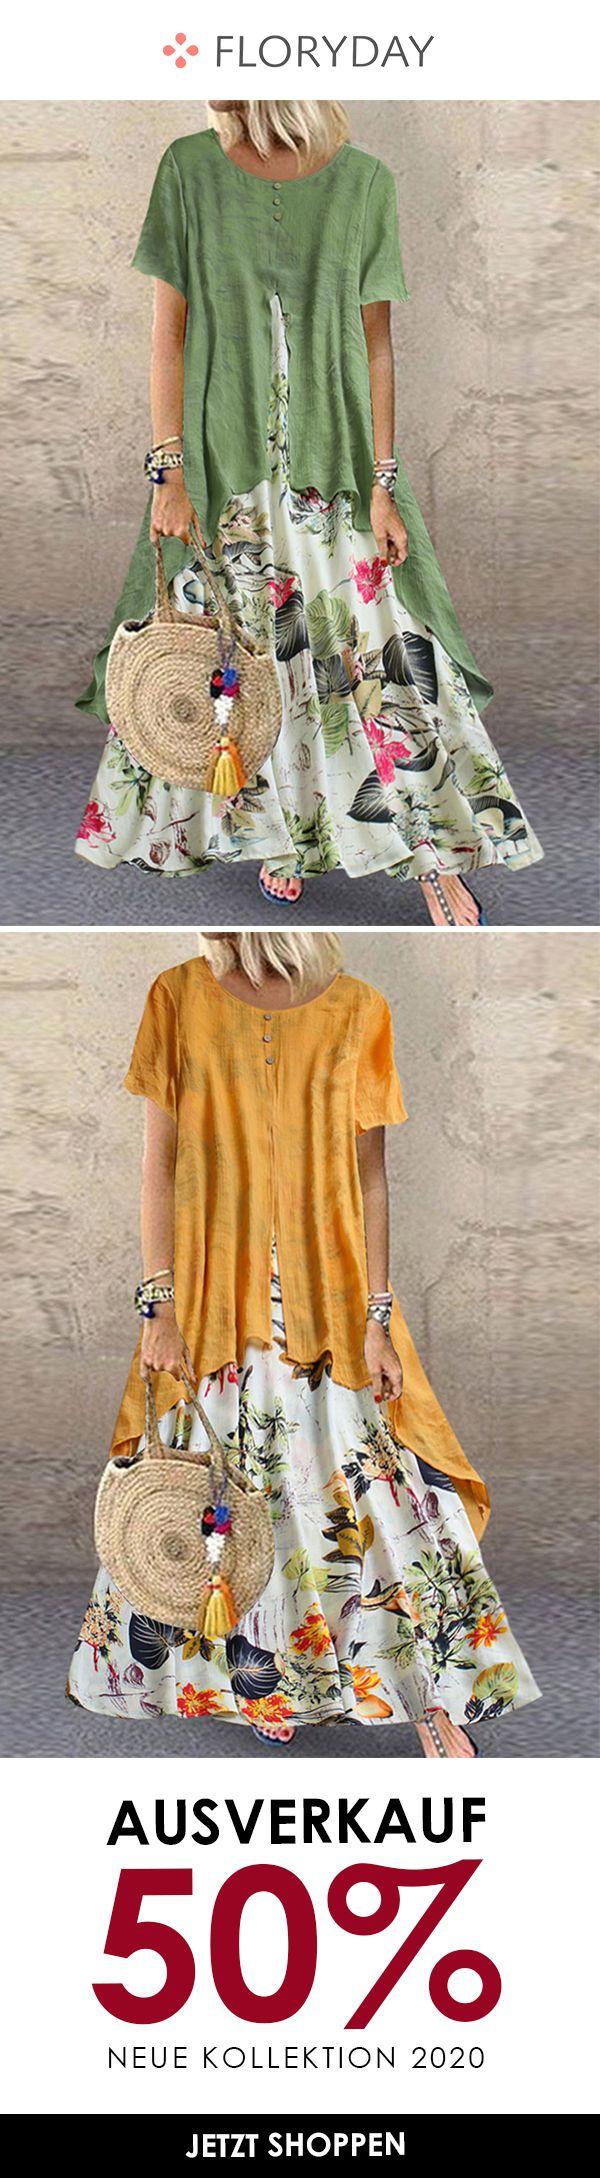 Kleid in A-Linie mit Blumentaschen und Rundhals in 18